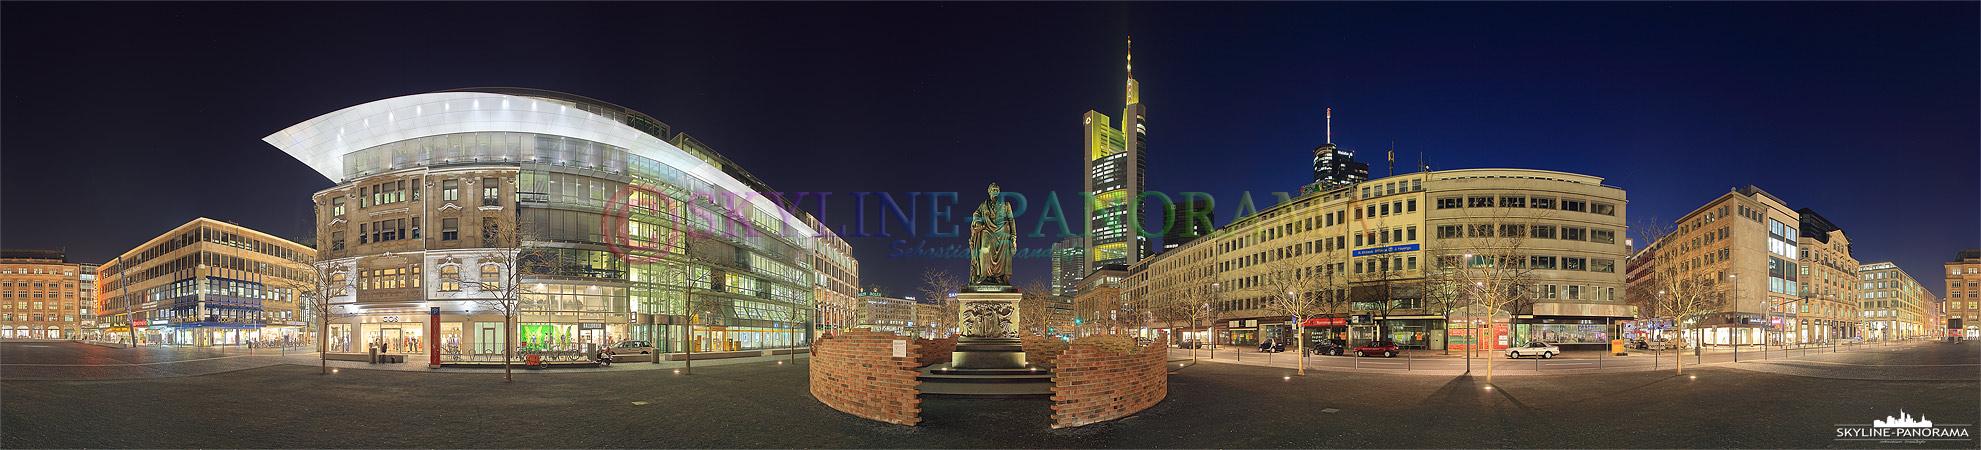 Frankfurter Plätze - Innenstadt Goetheplatz | 360° Panorama aus der Frankfurter Innenstadt, es zeigt den neu gestalteten Goetheplatz mit dem namensgebenden Dichter als Denkmal im Zentum.